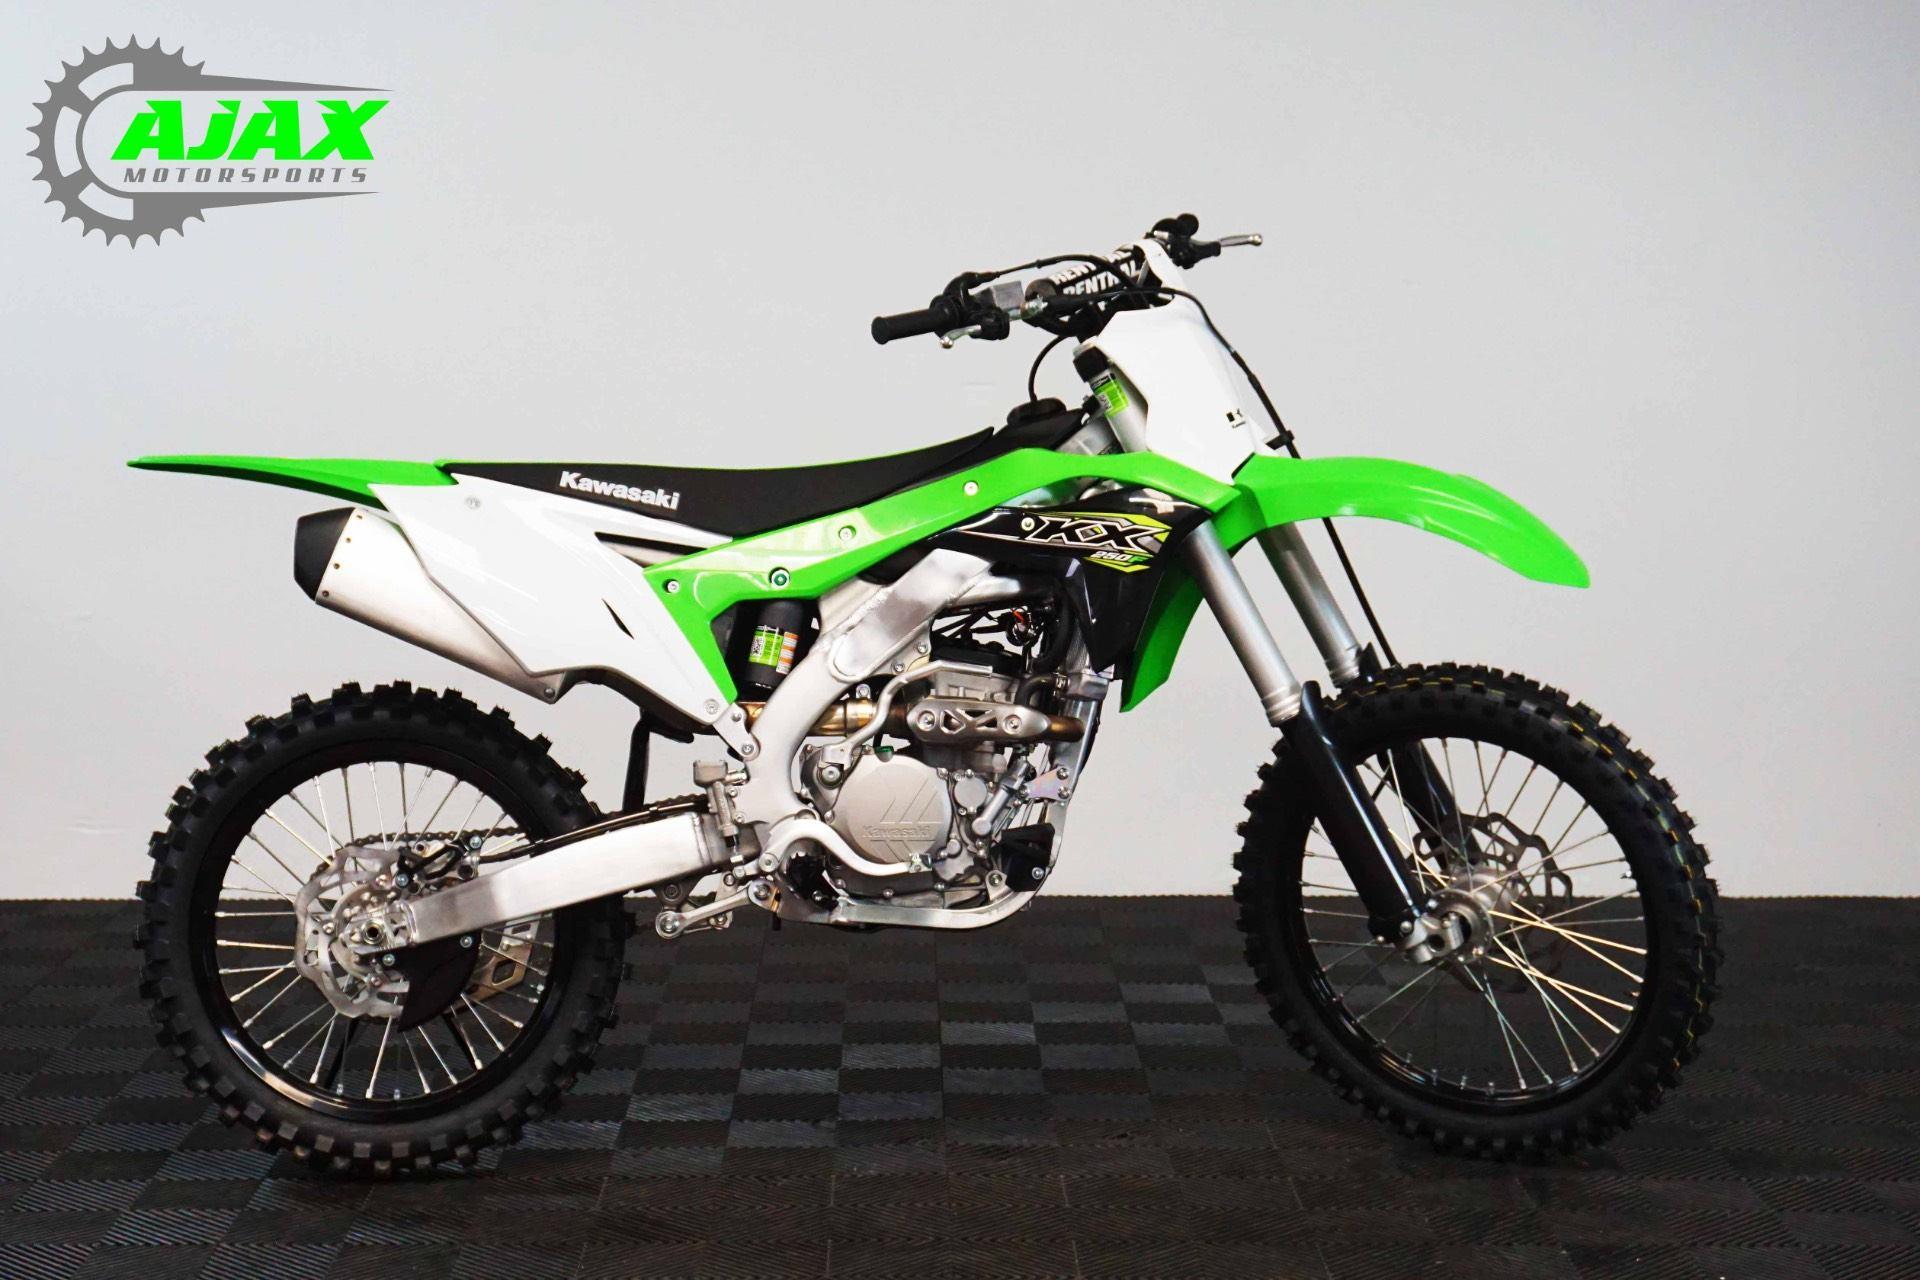 New 2018 Kawasaki KX 250F Motorcycles in Oklahoma City, OK   Stock